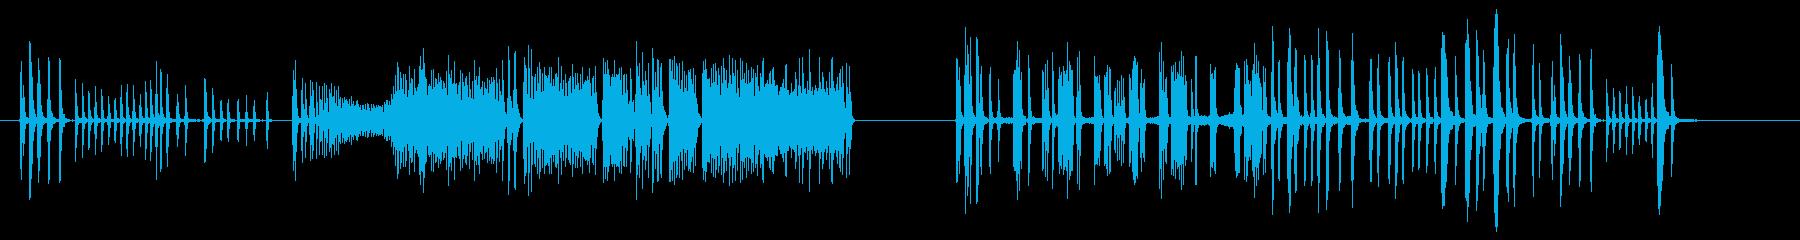 コメディチューブスパッタリングの再生済みの波形